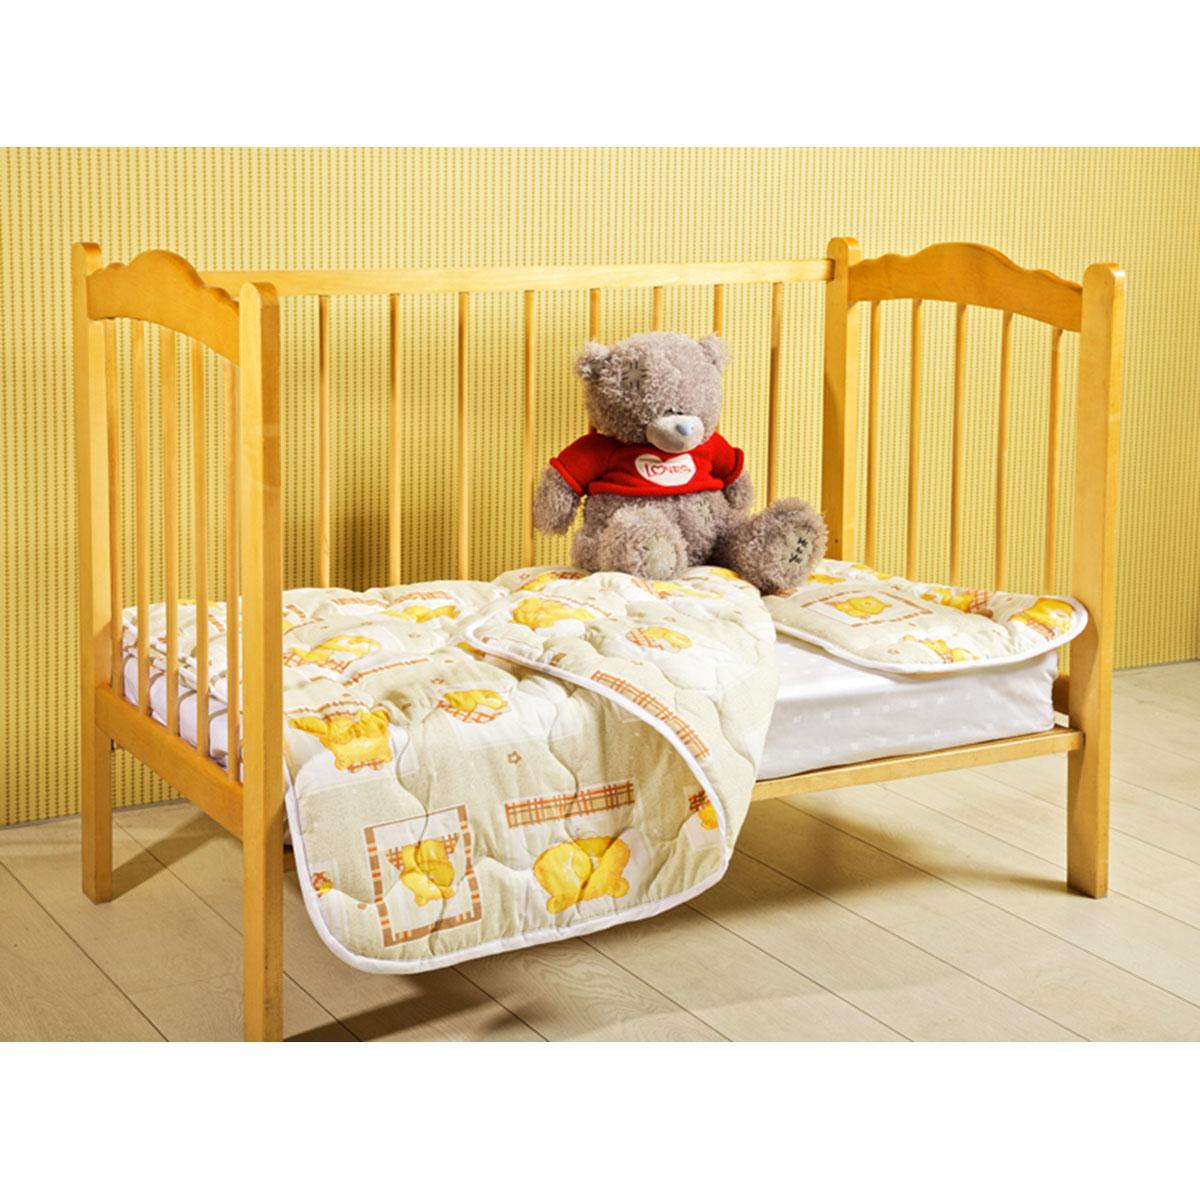 Одеяло детское Primavelle Fani, стеганое, цвет: бежевый, 110 см х 140 см123110307-10